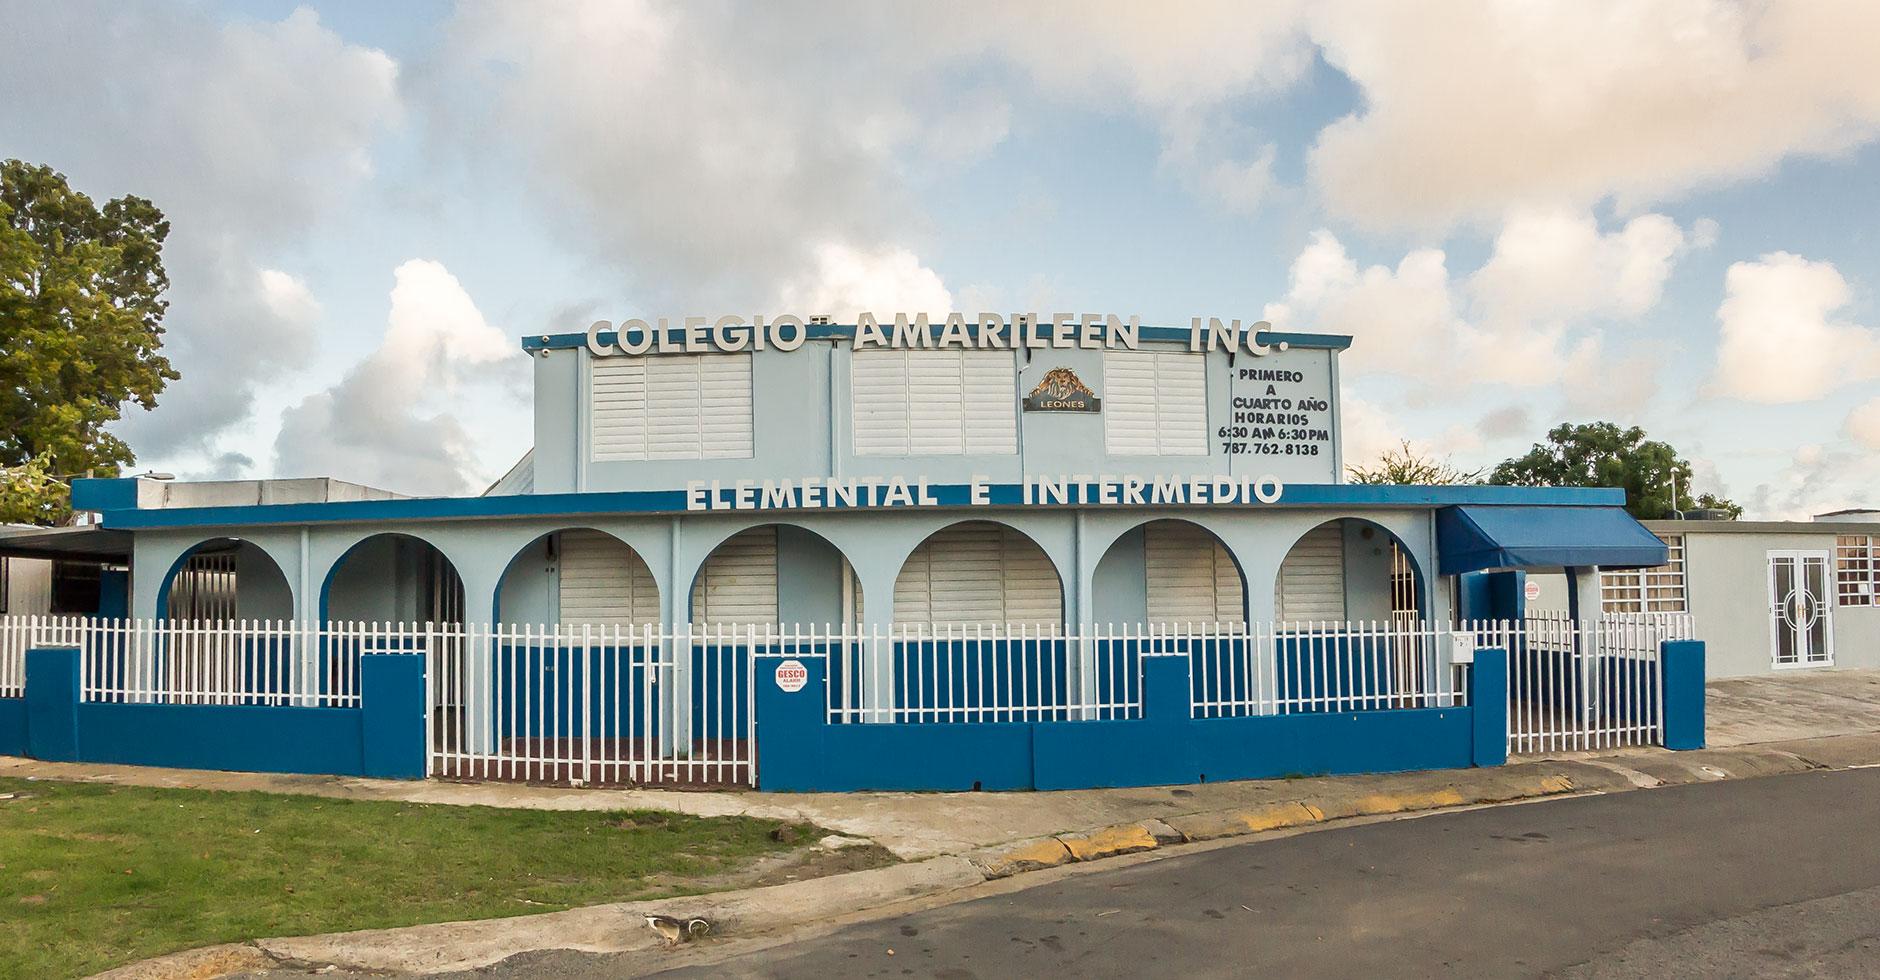 Colegio Amarileen Elemental e Intermedio